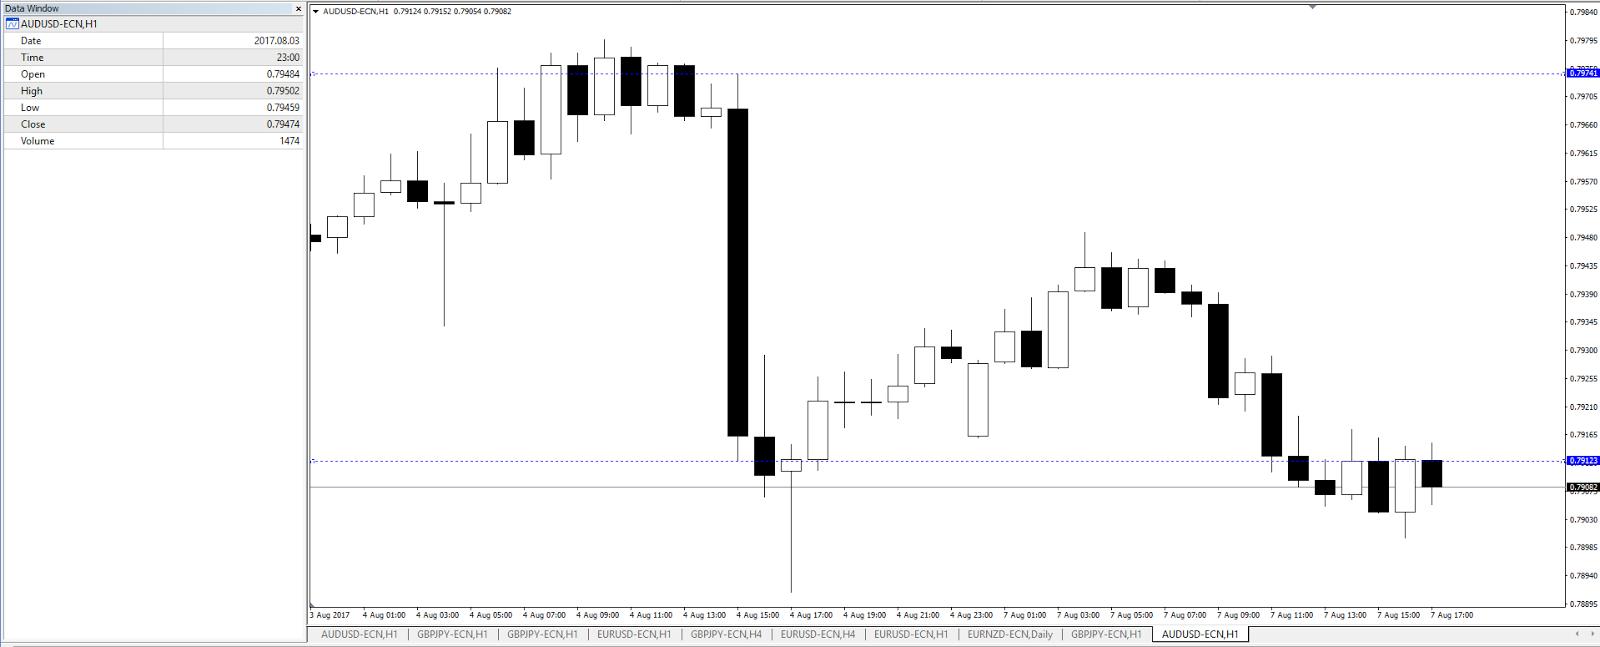 Candlestick Chart AUDUSD 1